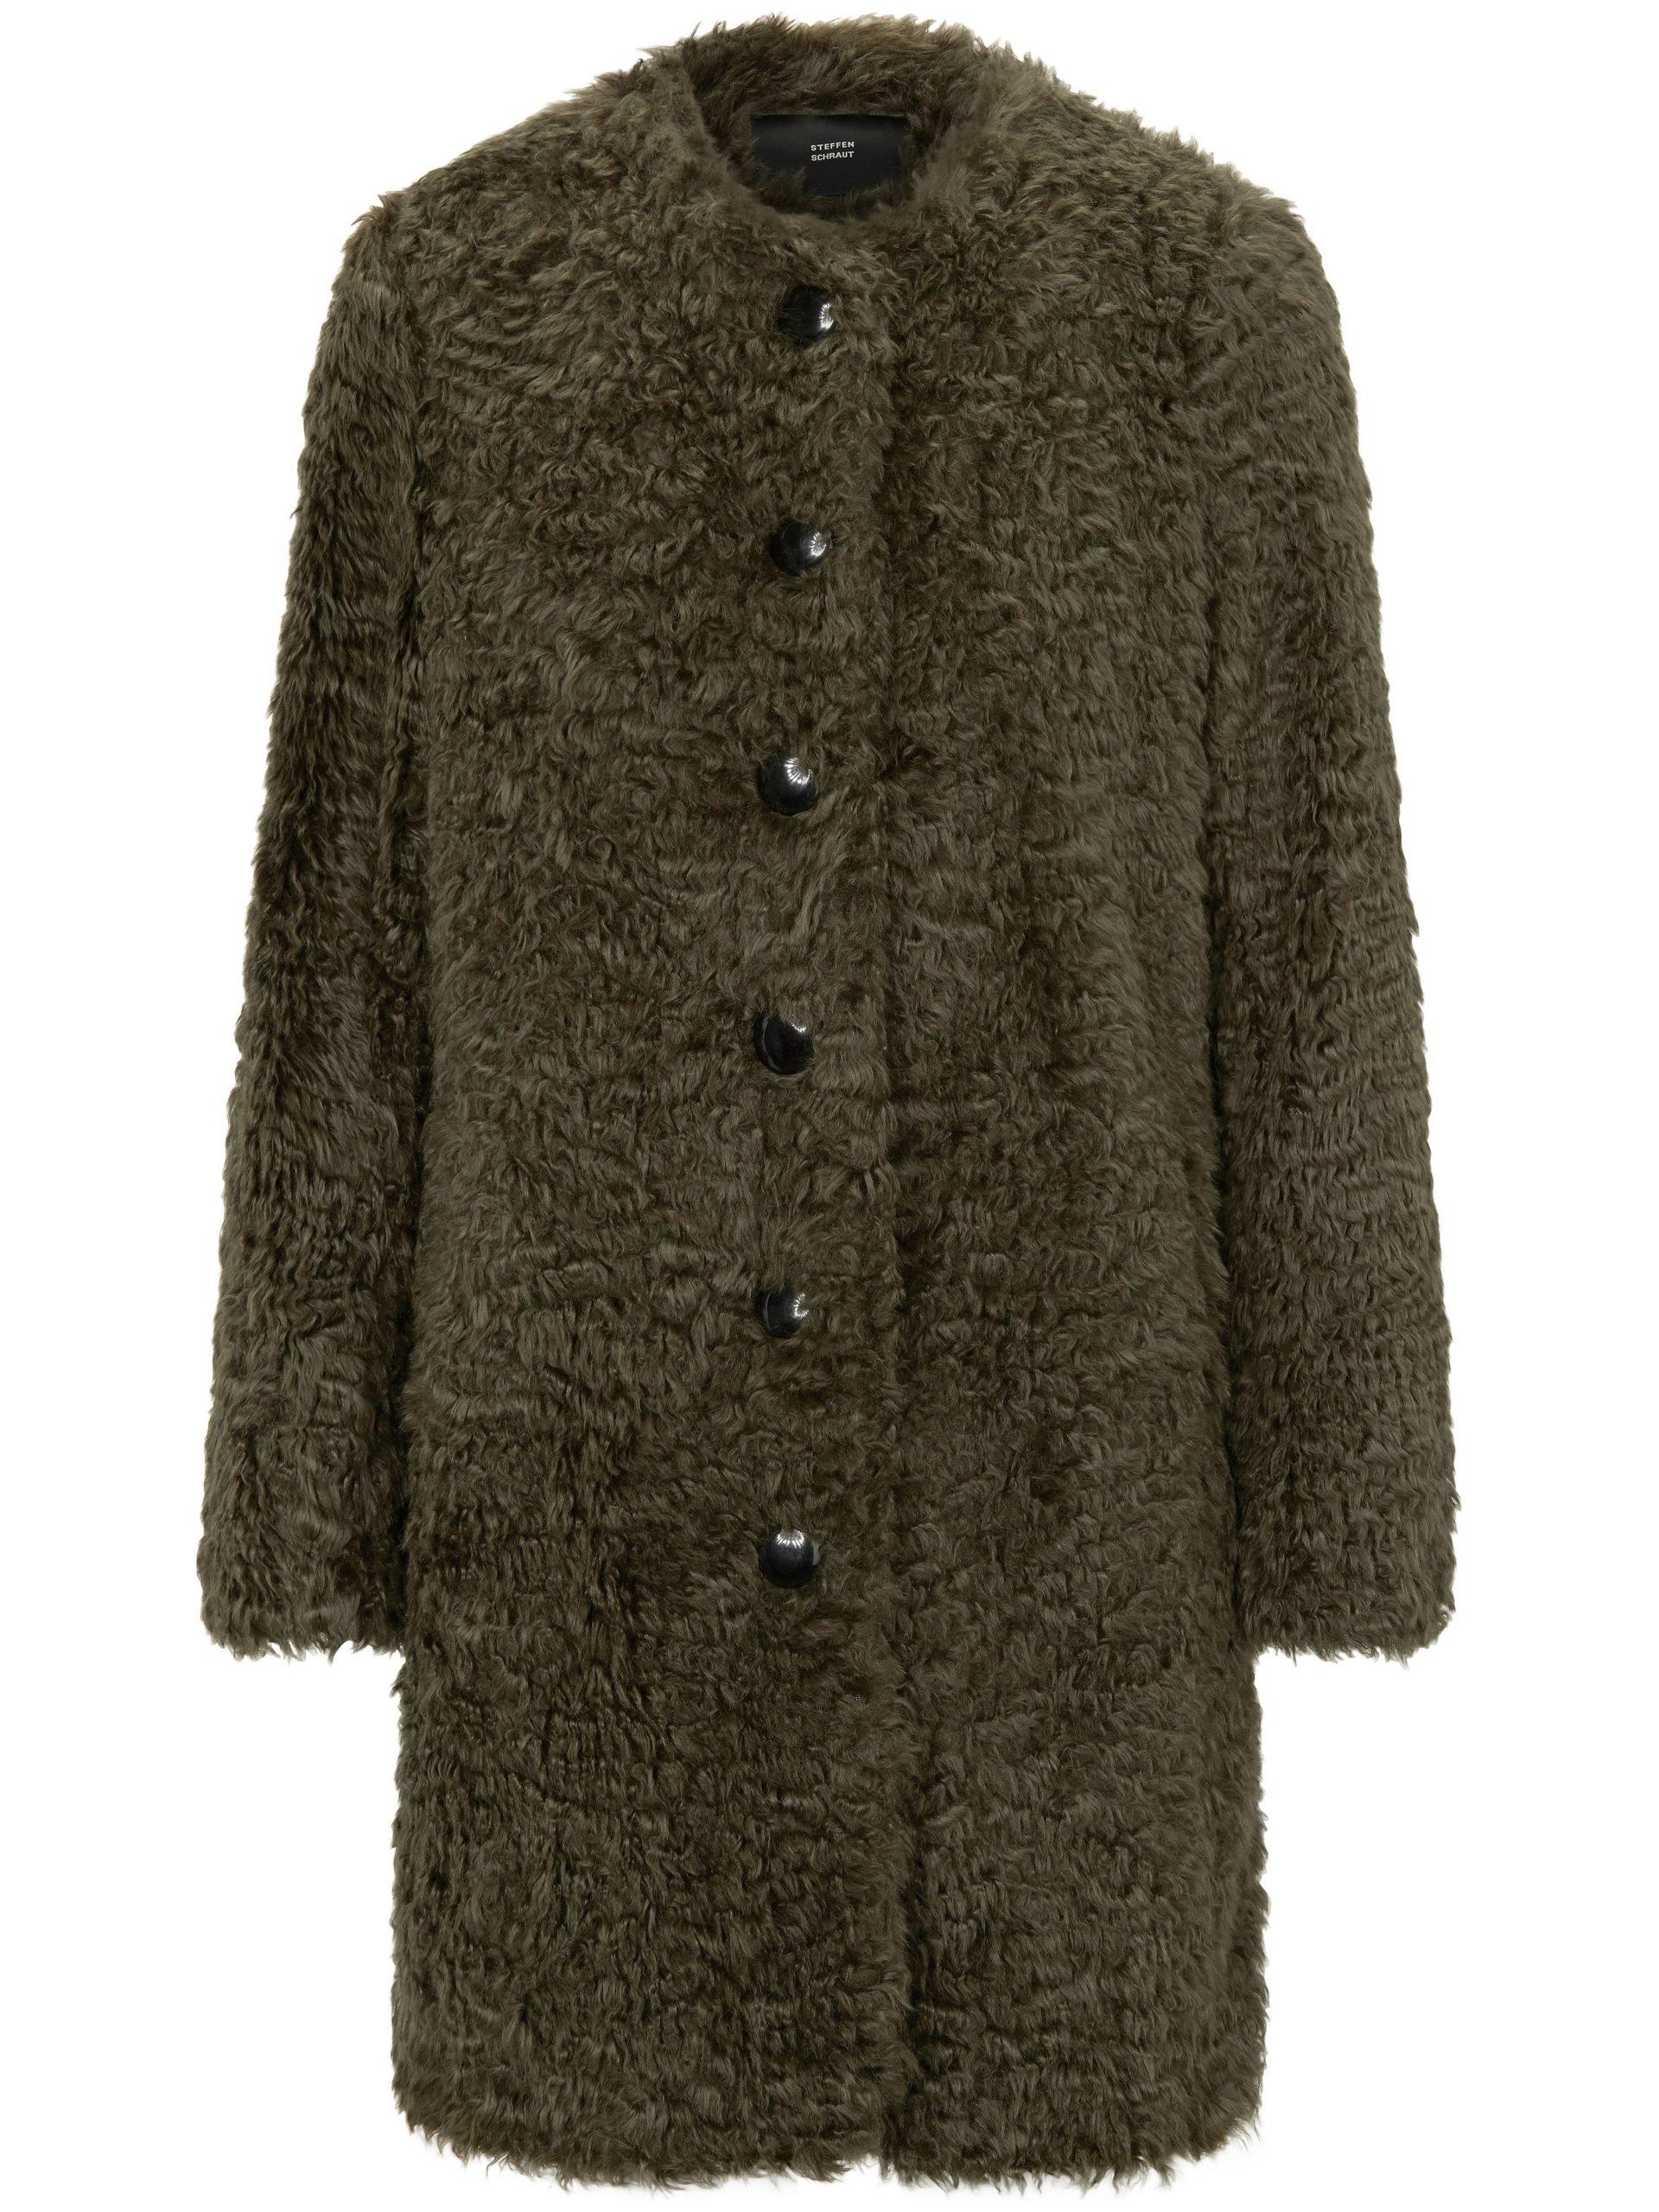 Korte mantel Van Steffen Schraut groen Kopen